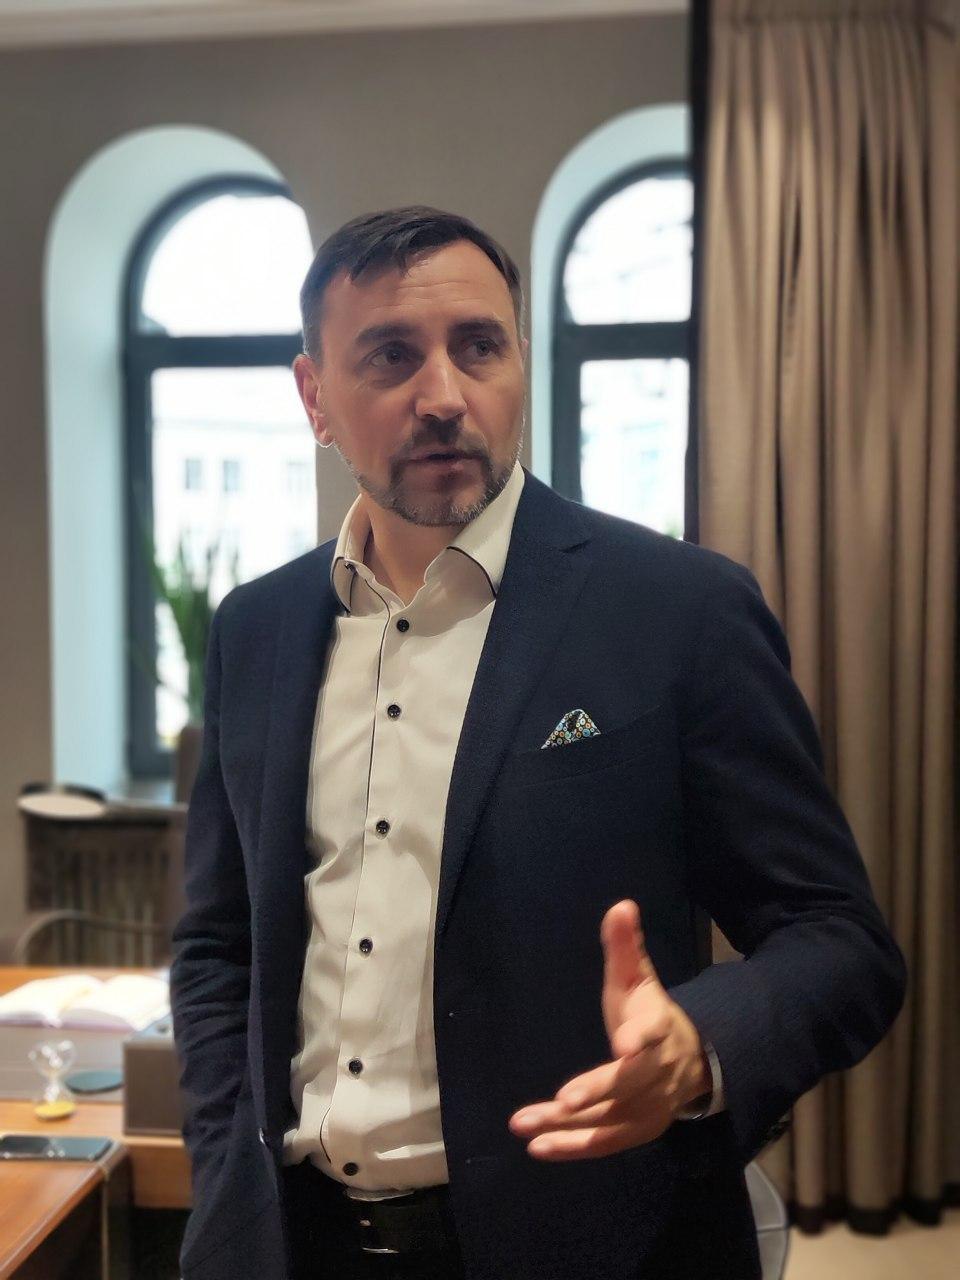 Вячеслав Лысенко: «Новый бизнес будет идти в паре с наукой» 9